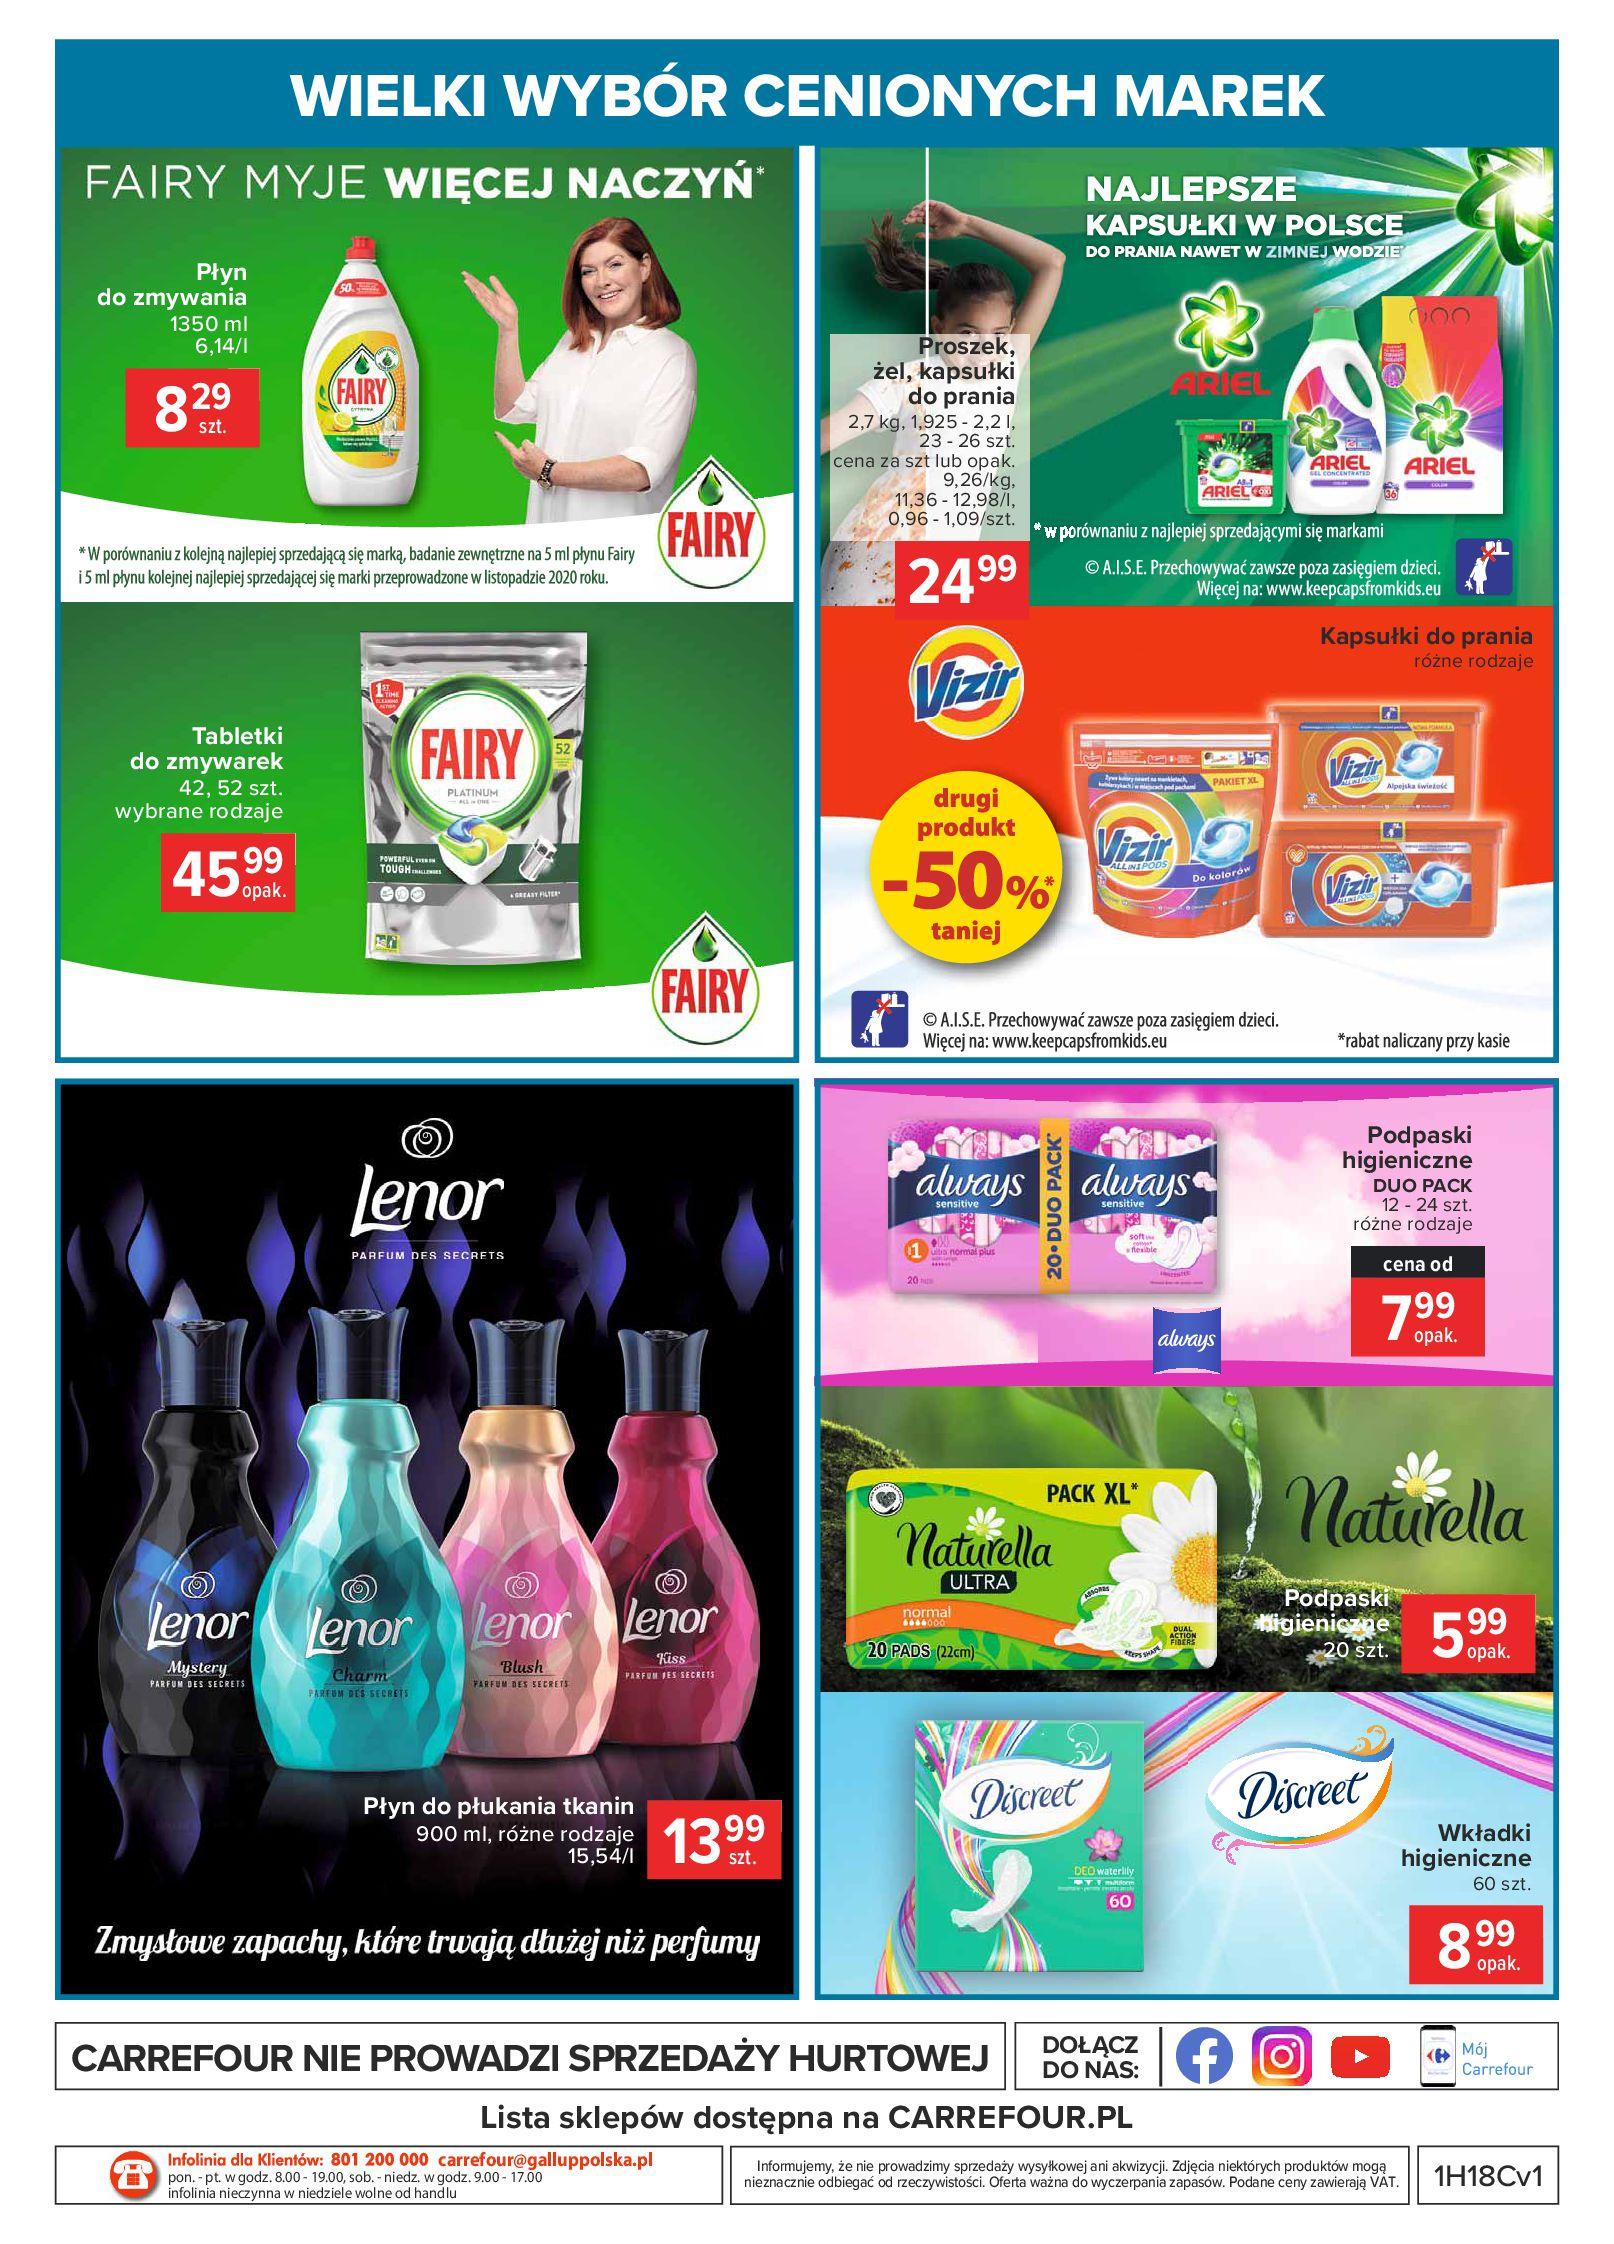 Gazetka Carrefour: Wielki wybór cenionych marek 2021-05-04 page-48